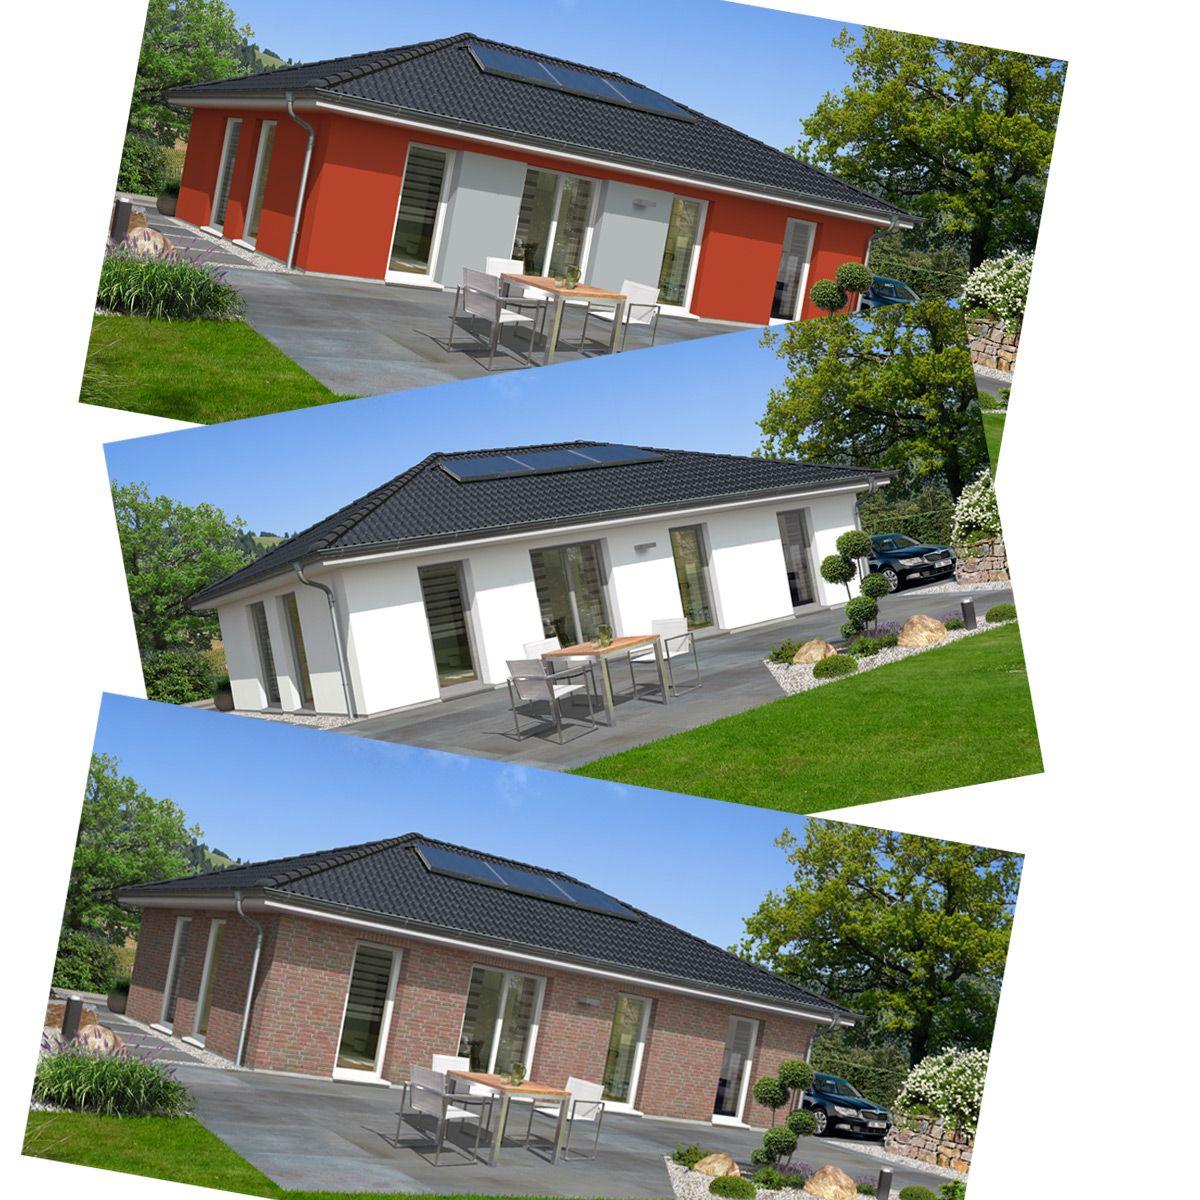 Pin Von Town & Country Haus Auf Massivhäuser